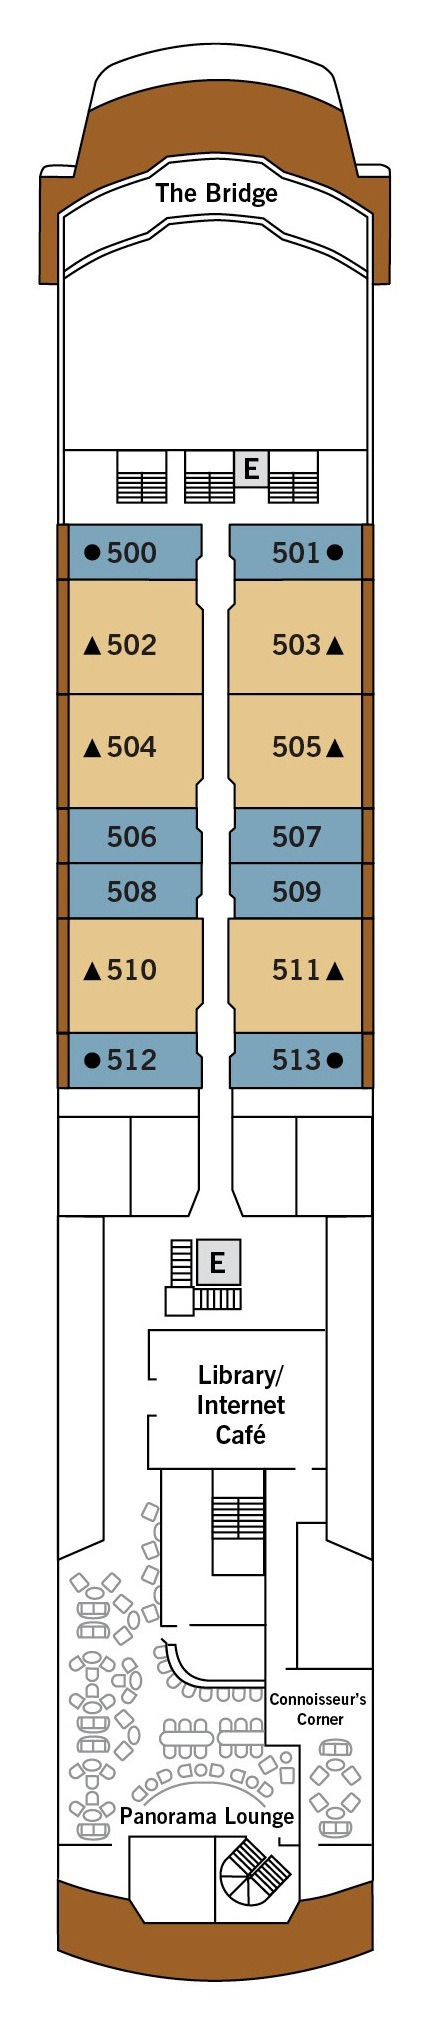 Silver Explorer deck plans - Deck 5